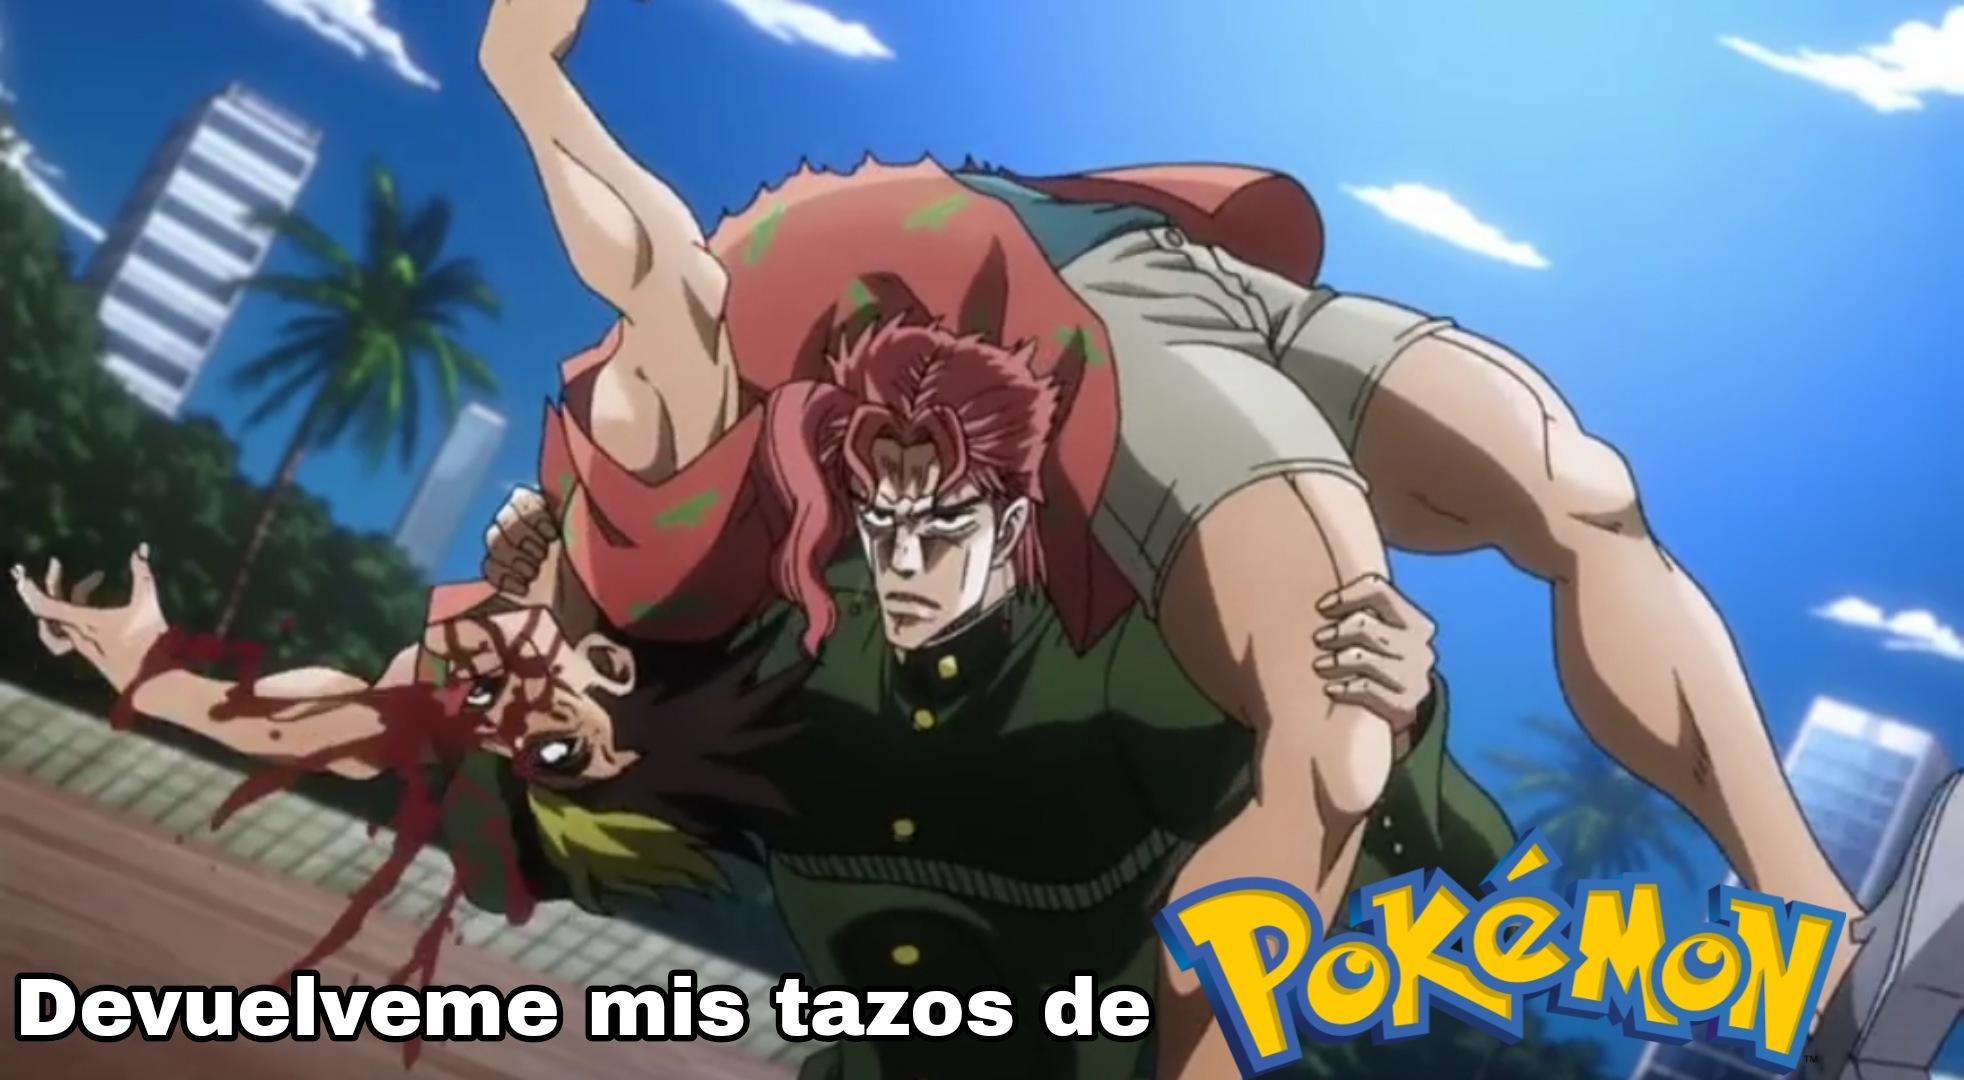 Culero - meme